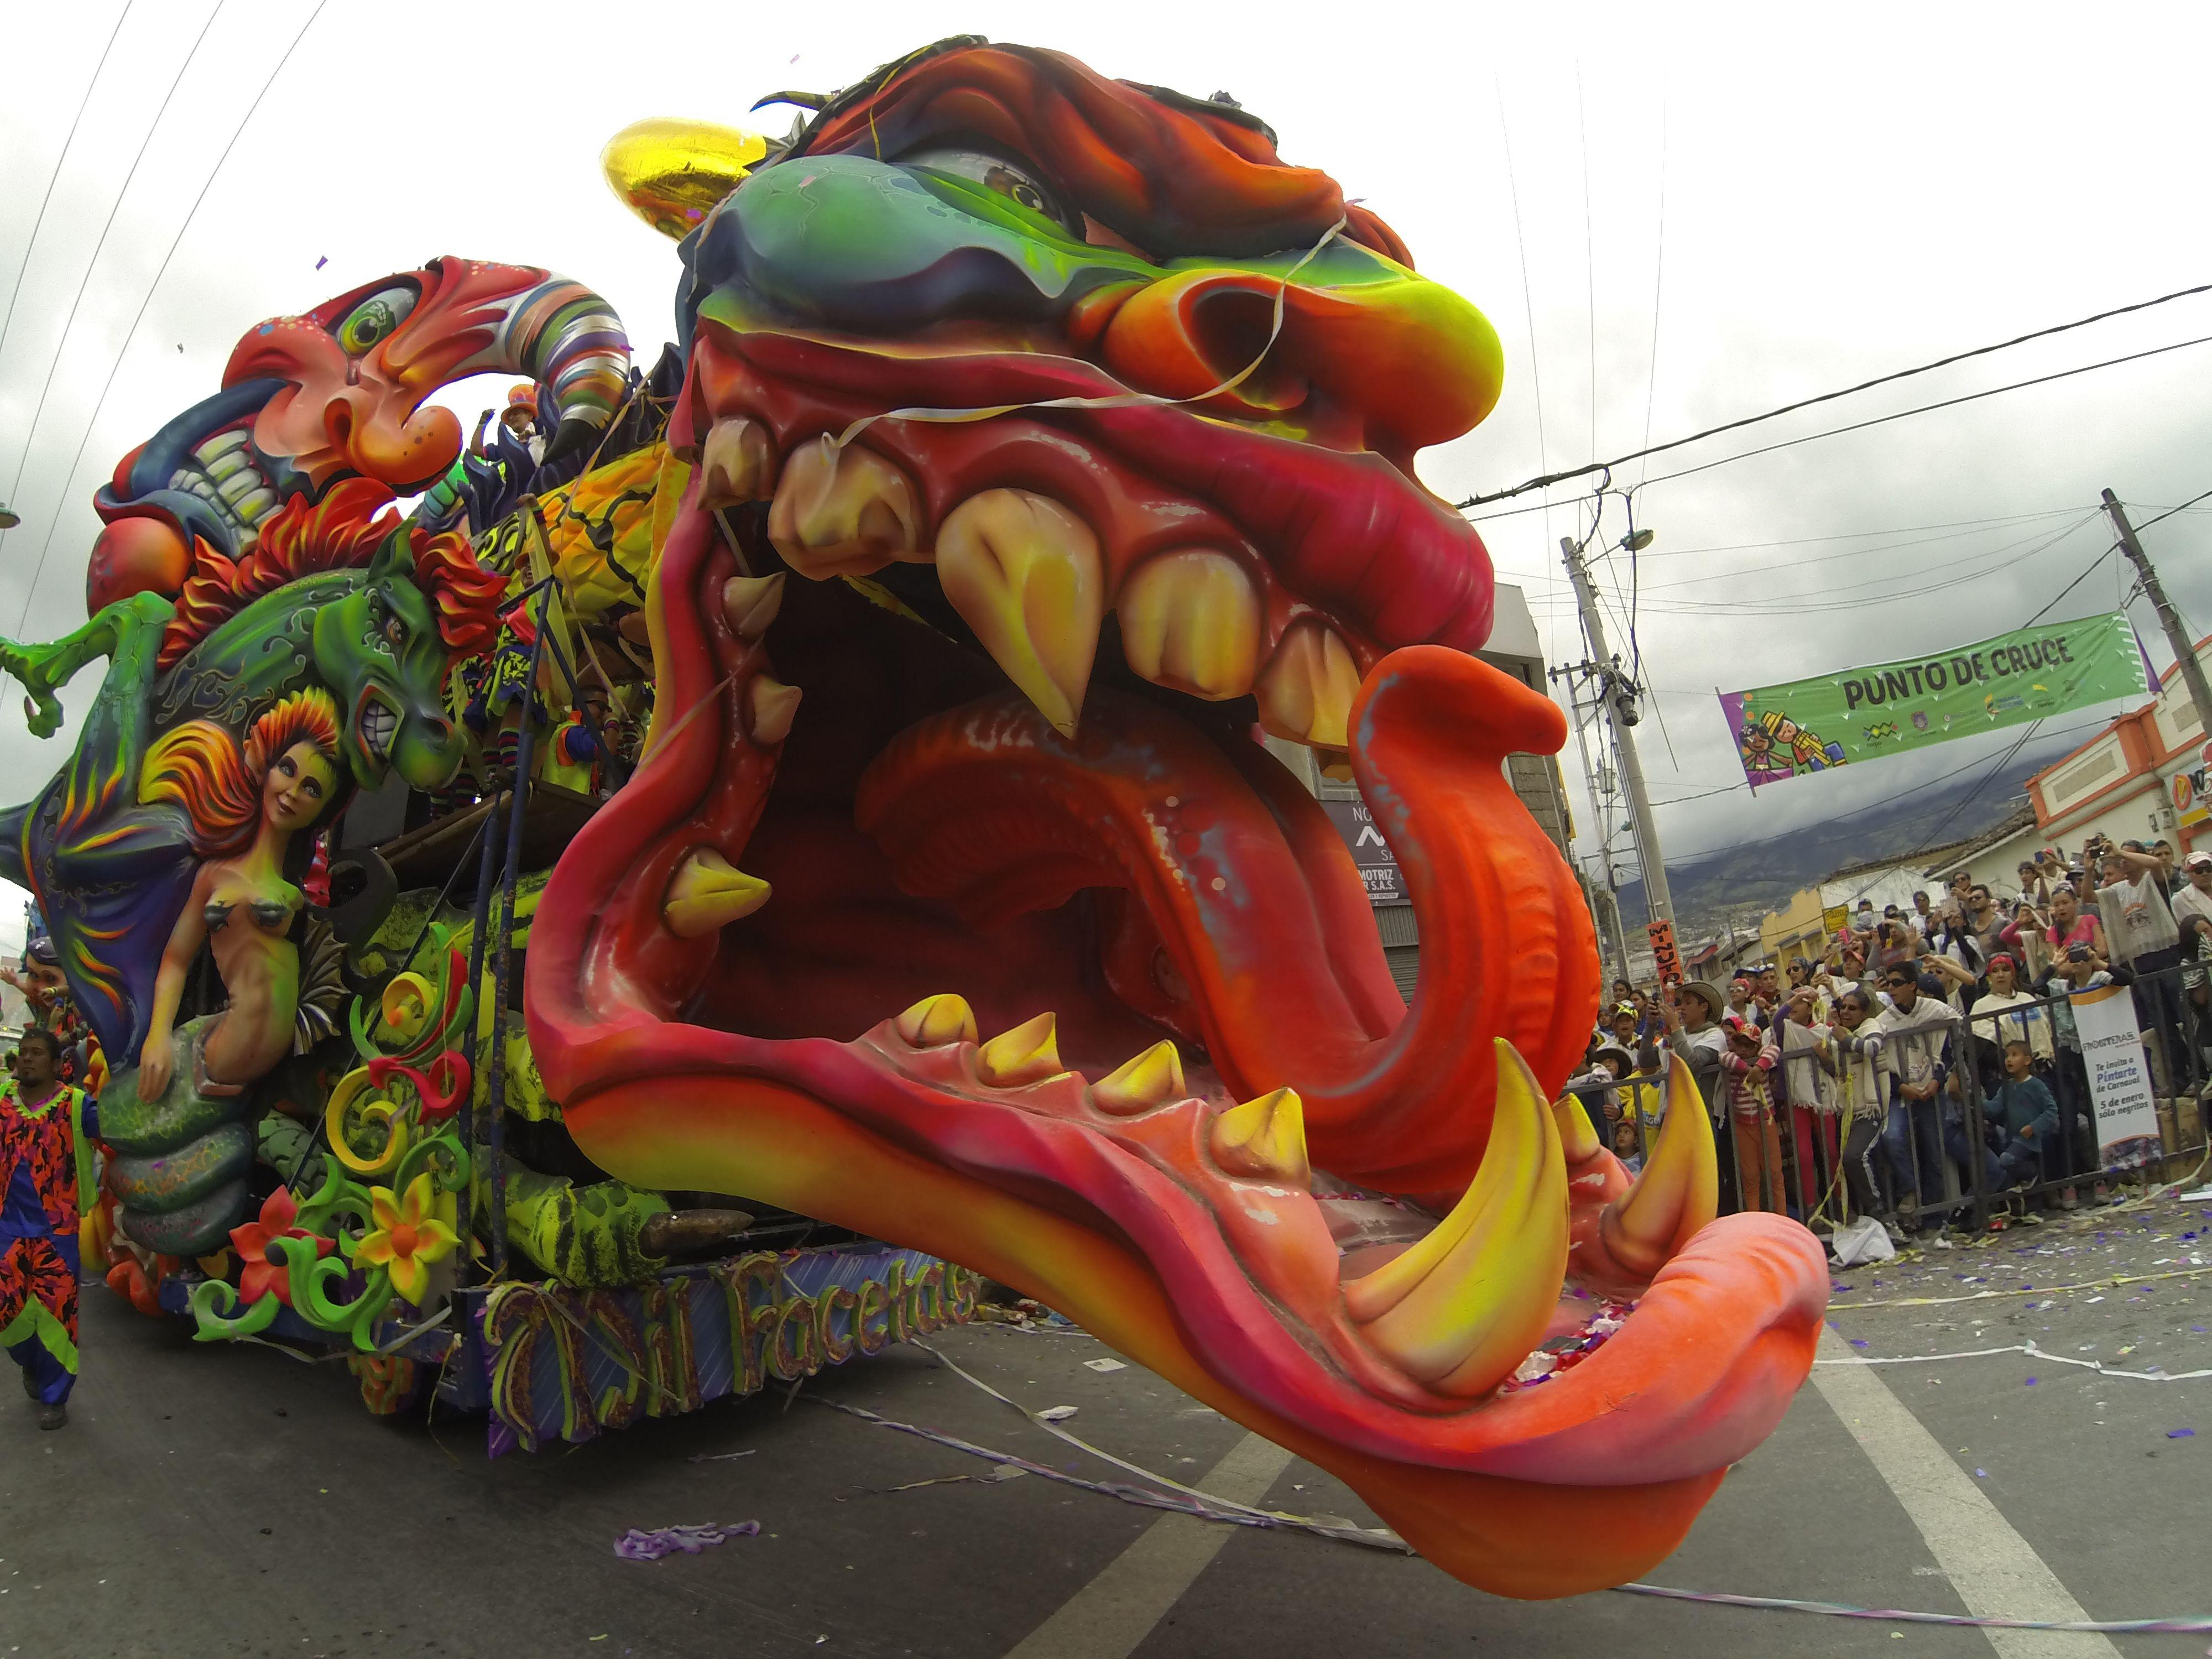 Carnaval de Negros y Blancos. 6 de enero 2016 Desfile Magno Carrozas.